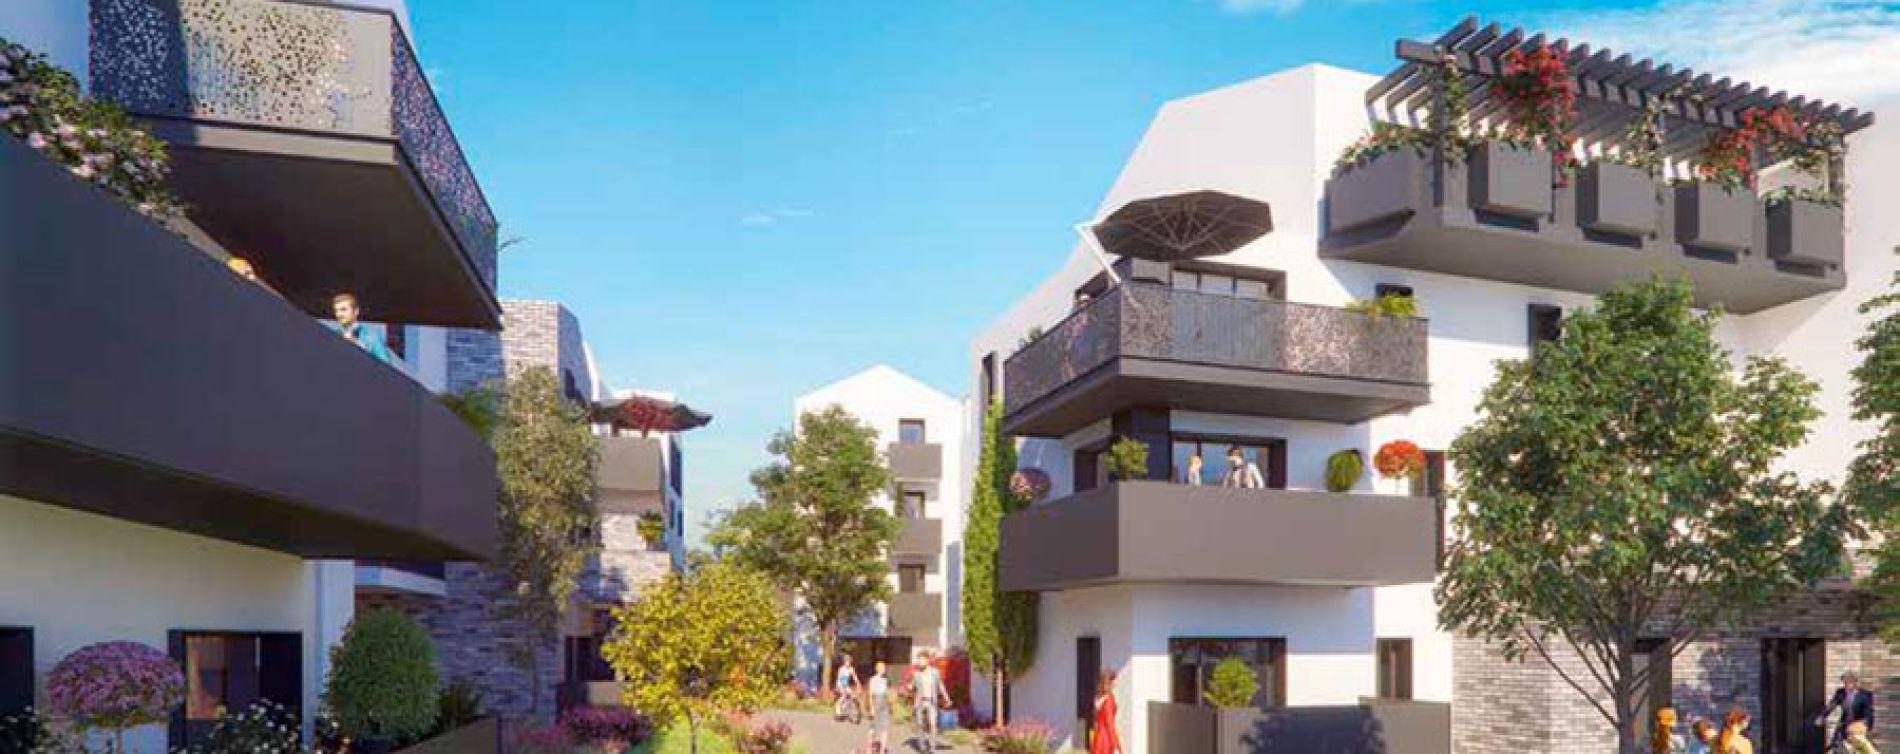 Mérignac : programme immobilier neuve « Programme immobilier n°213058 » (2)